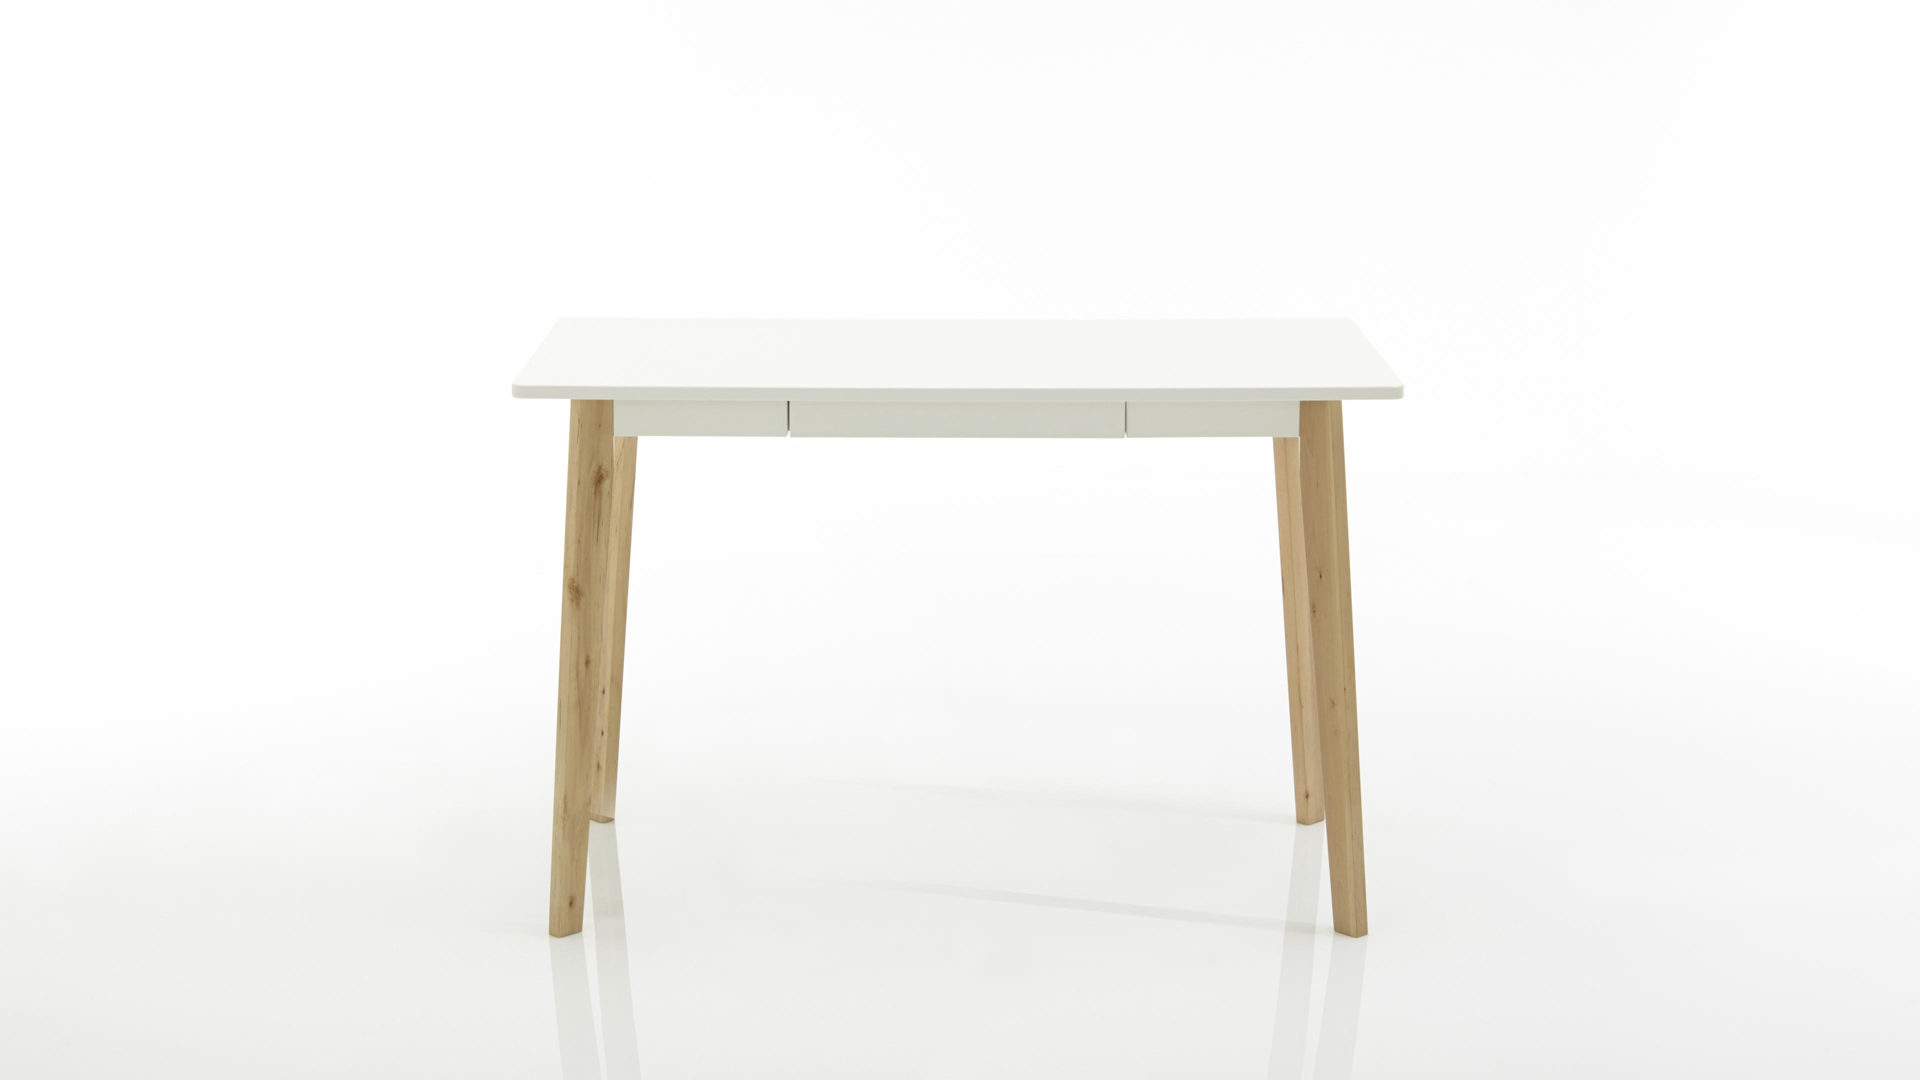 Retro-Schreibtisch als attraktiver Bürotisch , weiß lackierte Holzplatte &  lackiertes Birkenholzgestell - ca. 117 x 58 cm